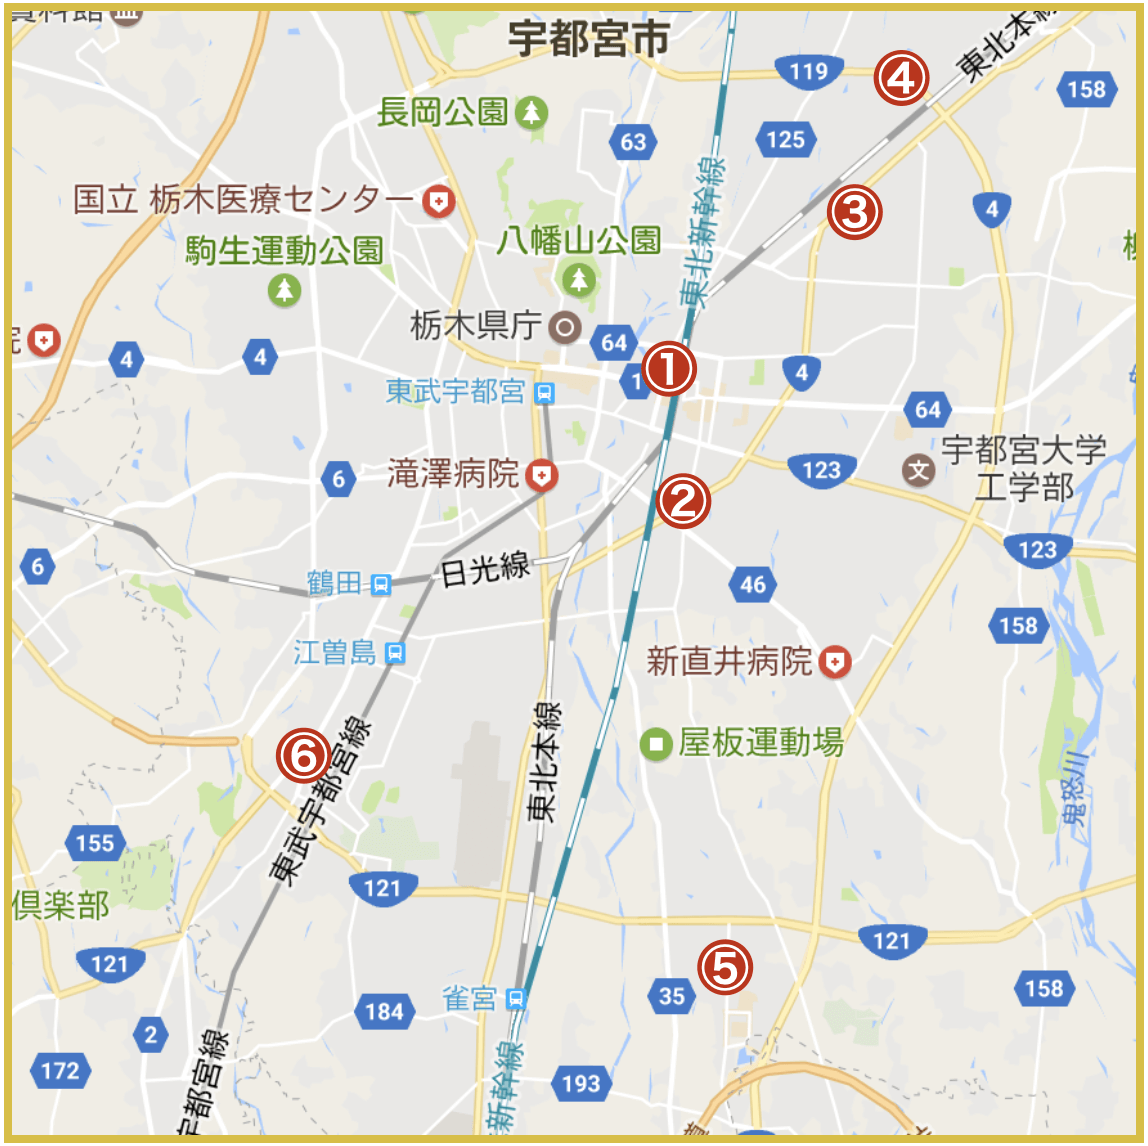 宇都宮市にあるプロミス店舗・ATMの位置(2020年版)